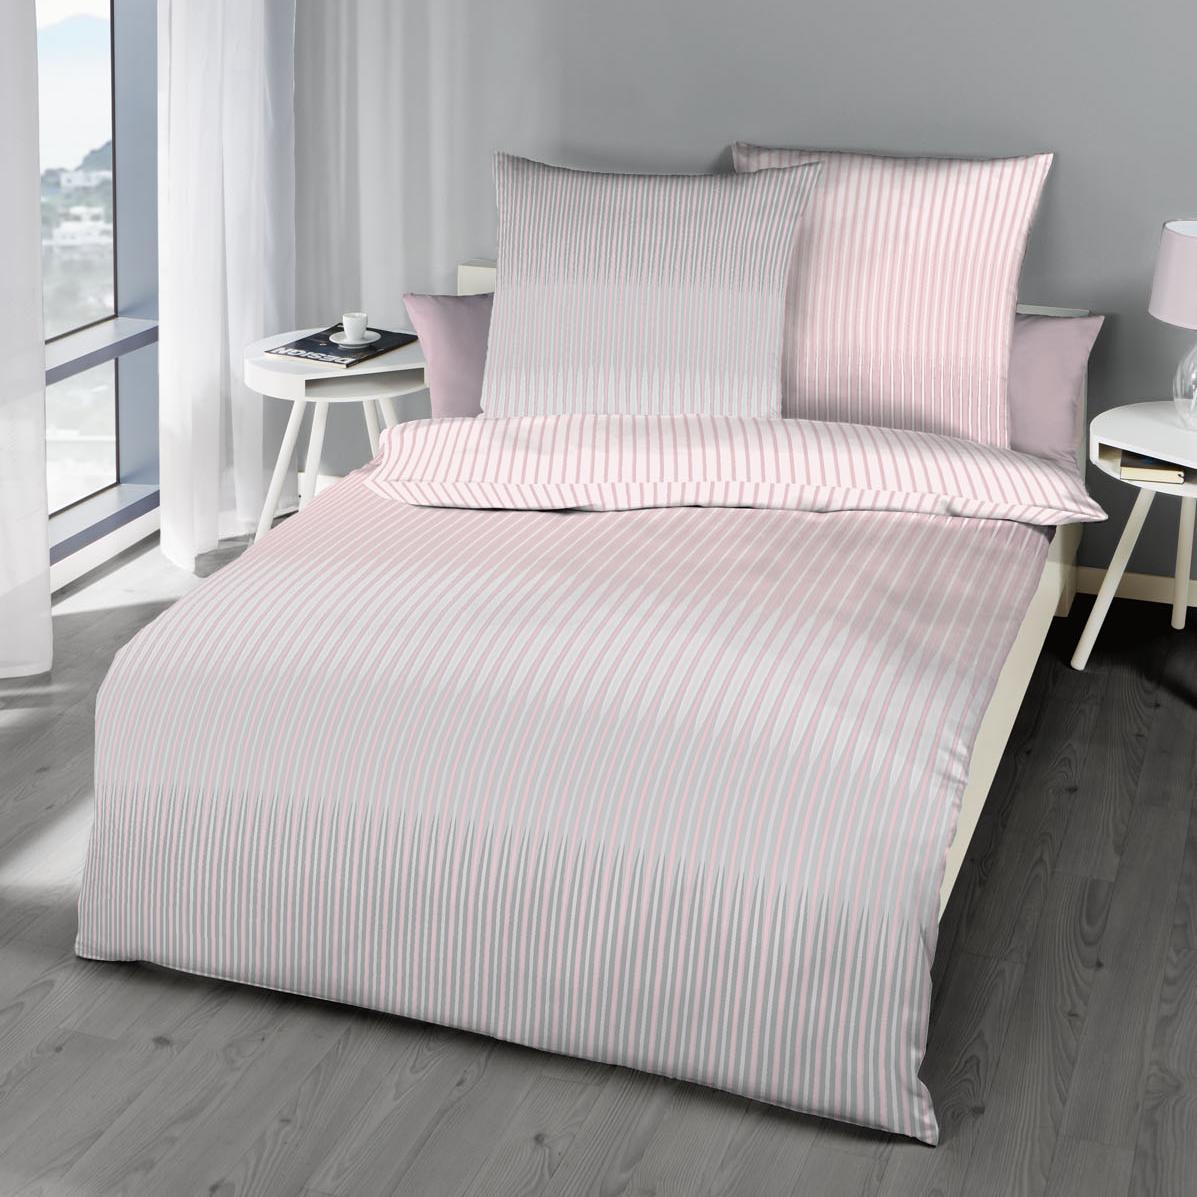 posteljnina kaeppel skala roza